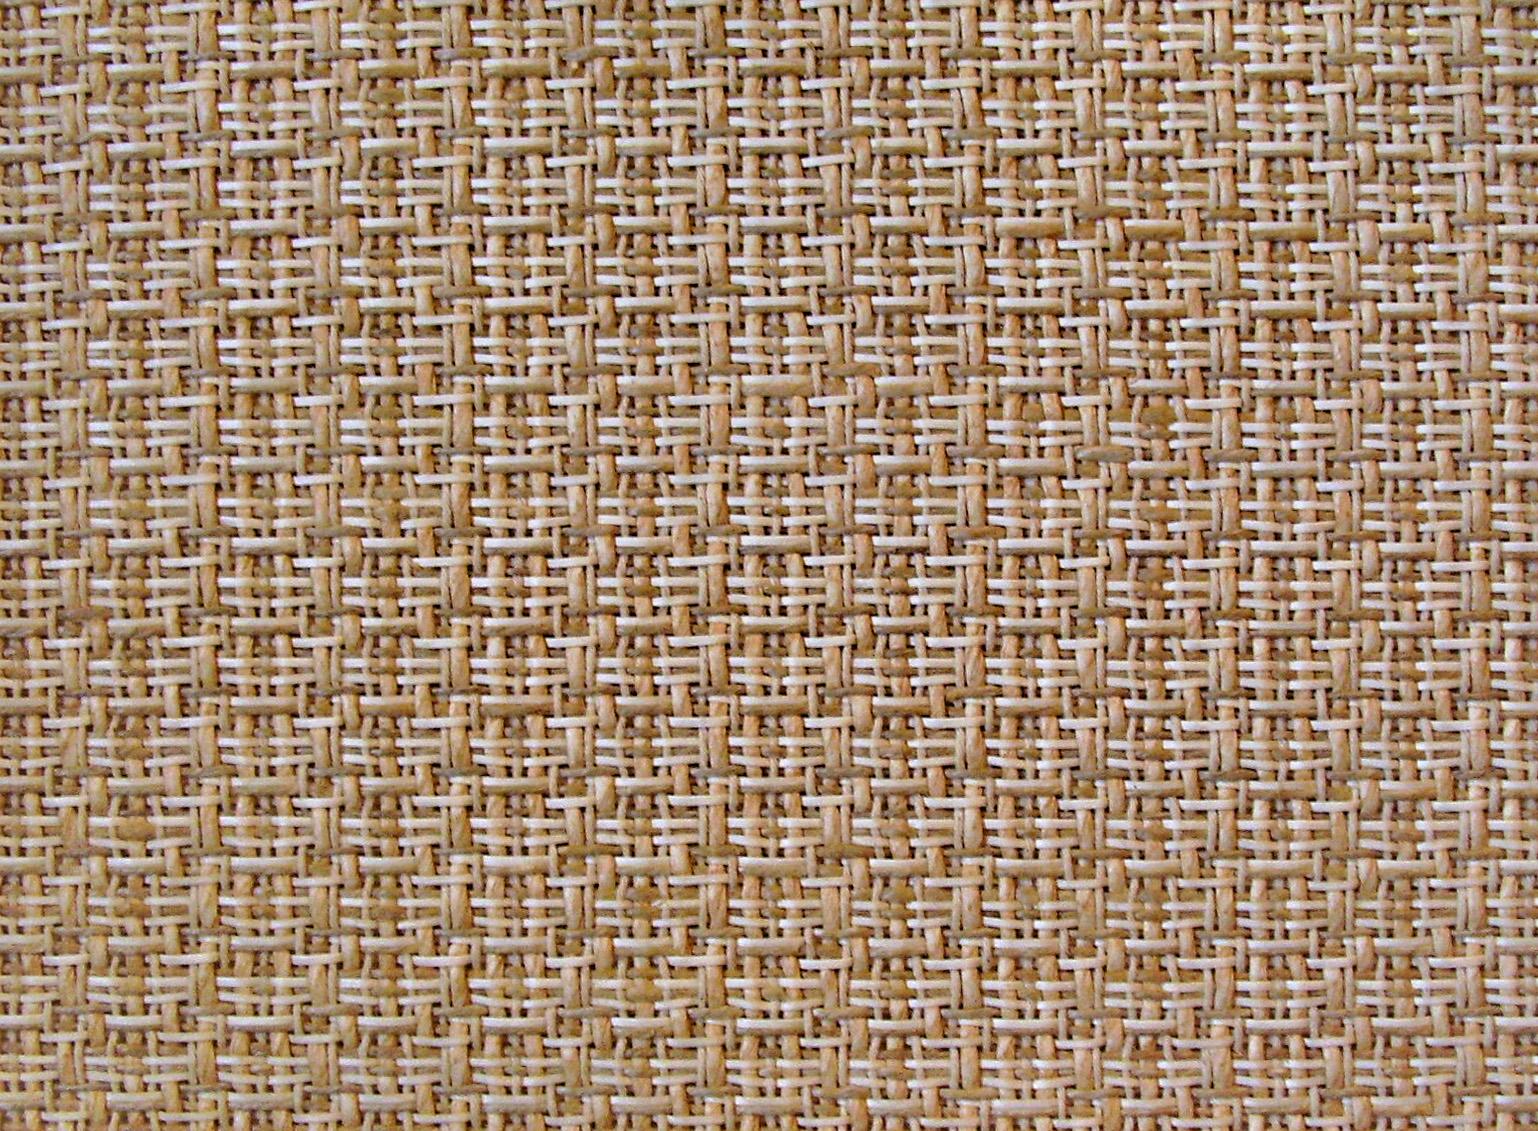 木材-编制品(2)高清贴图【ID:737097218】